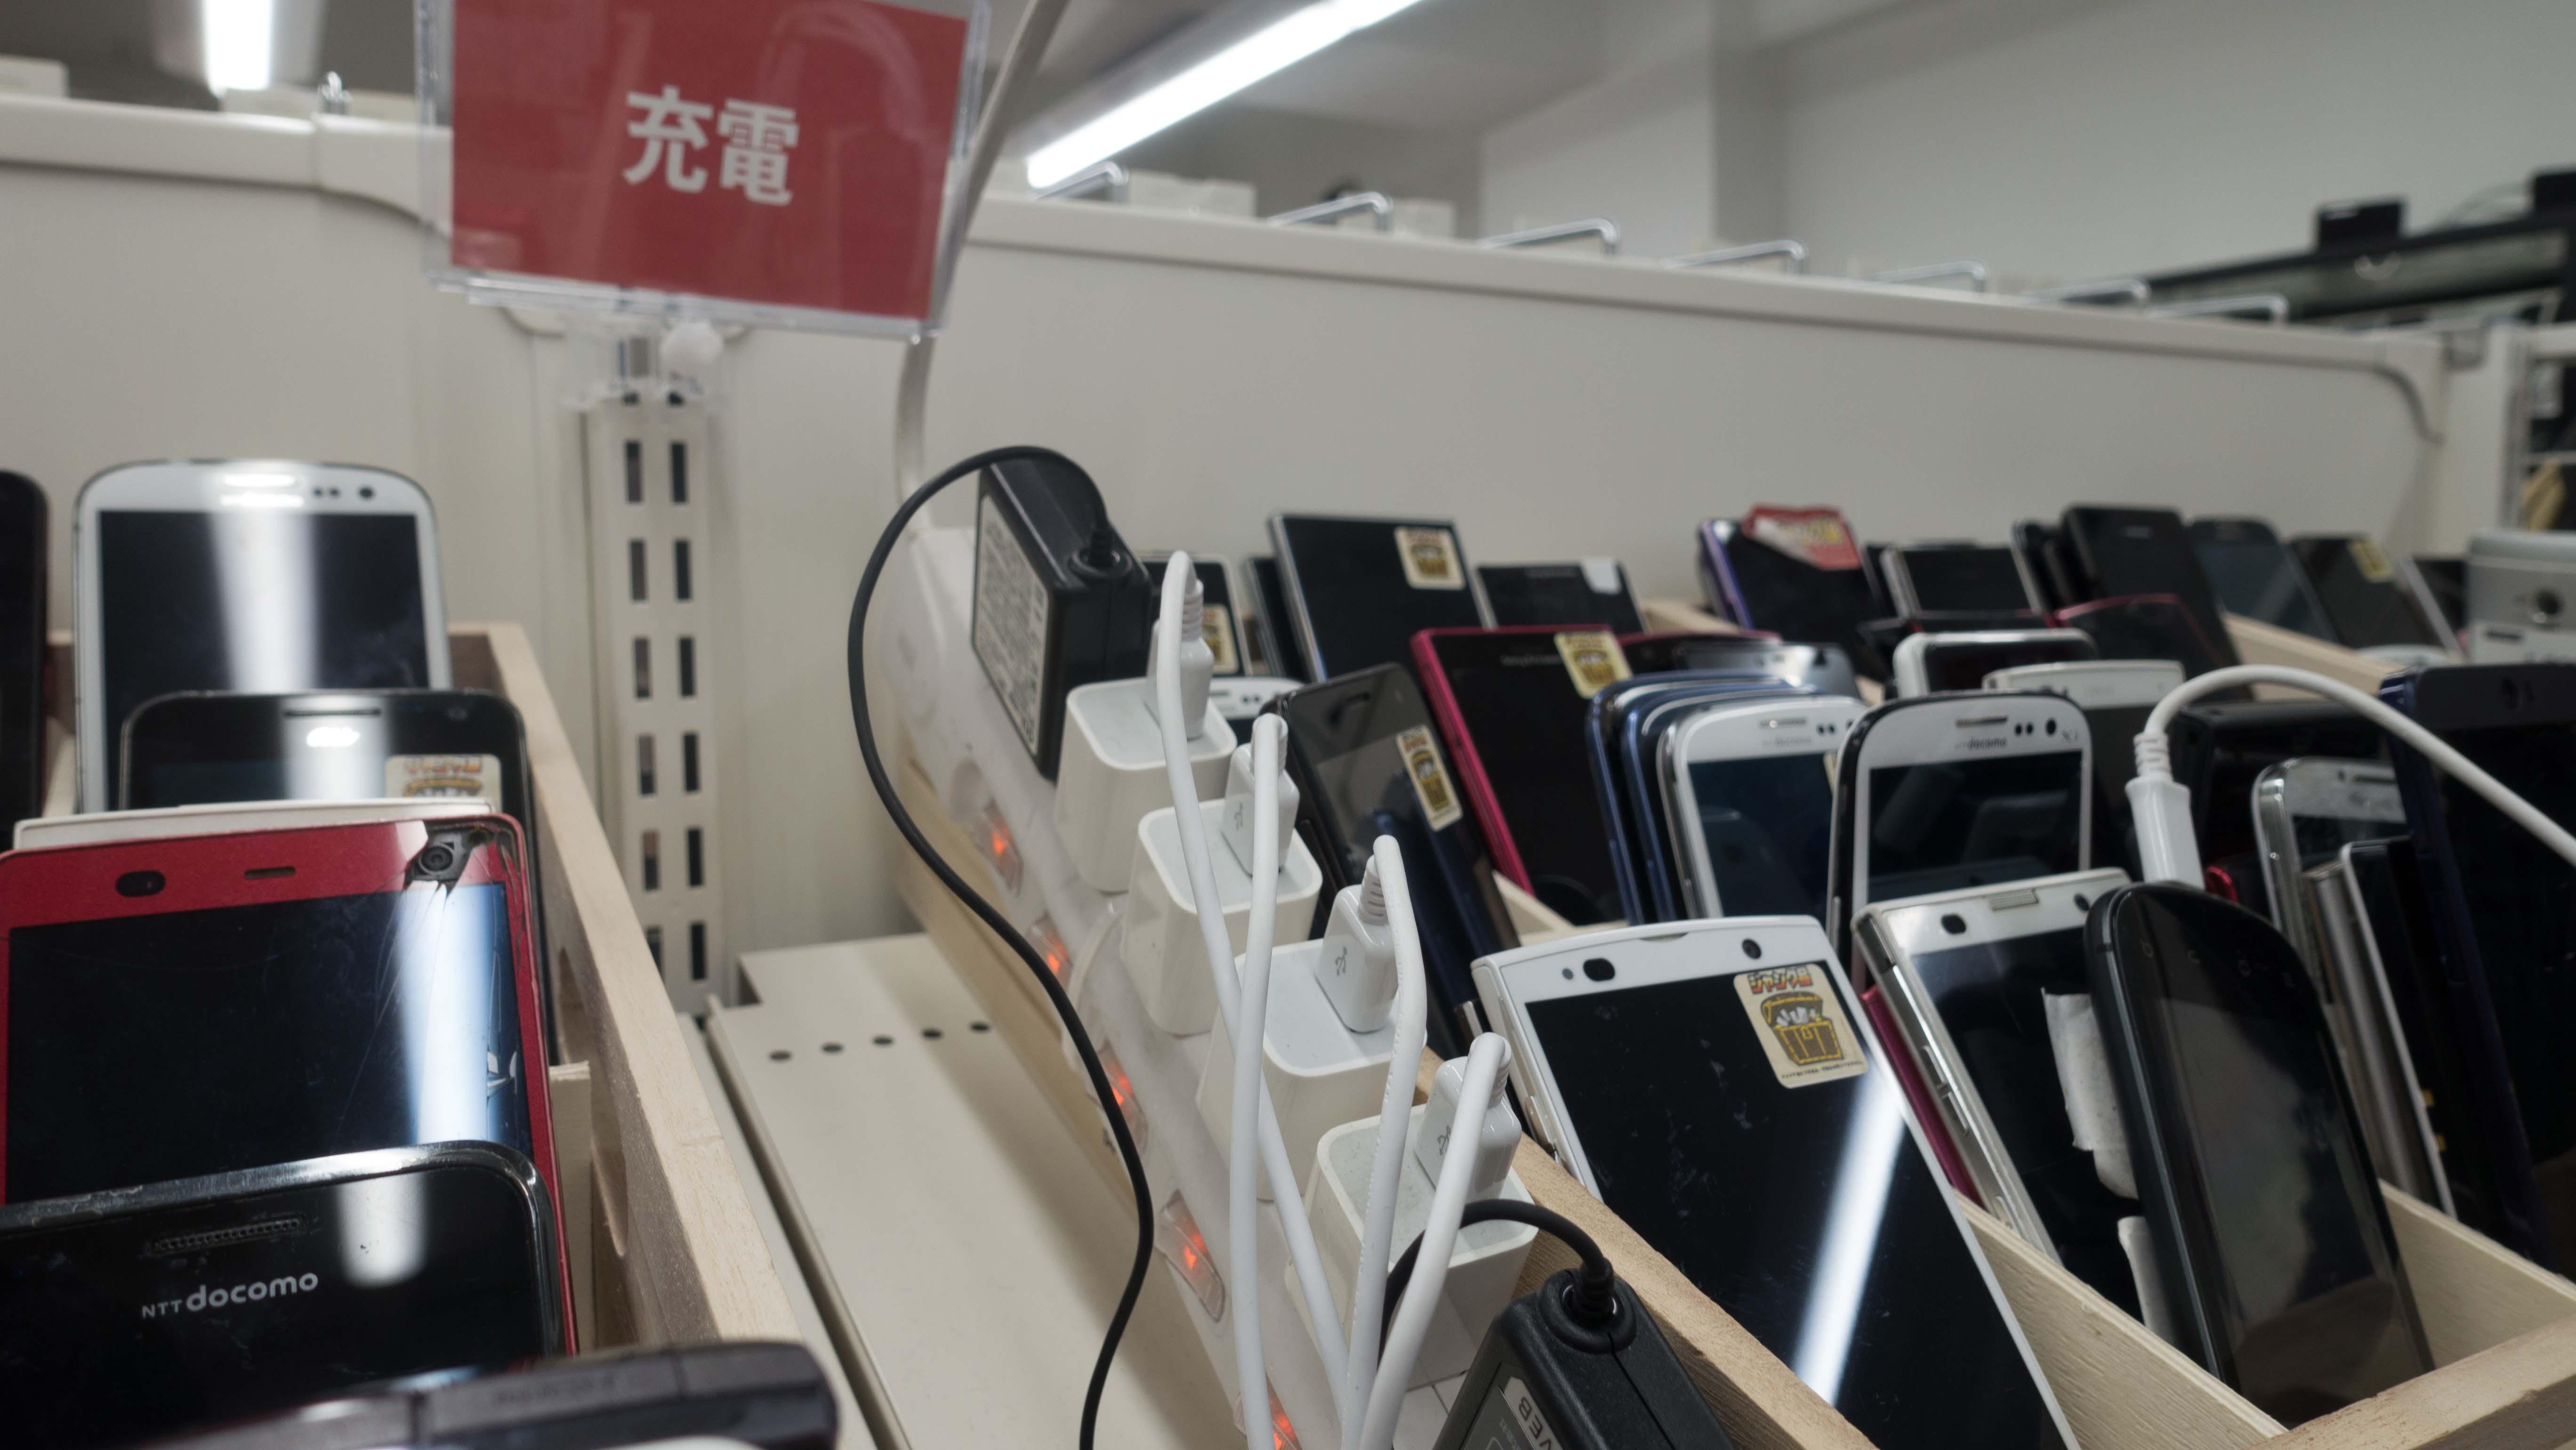 【レポート】ジャンク端末が集まるお店「ワールドモバイル アキバ店」に行きました